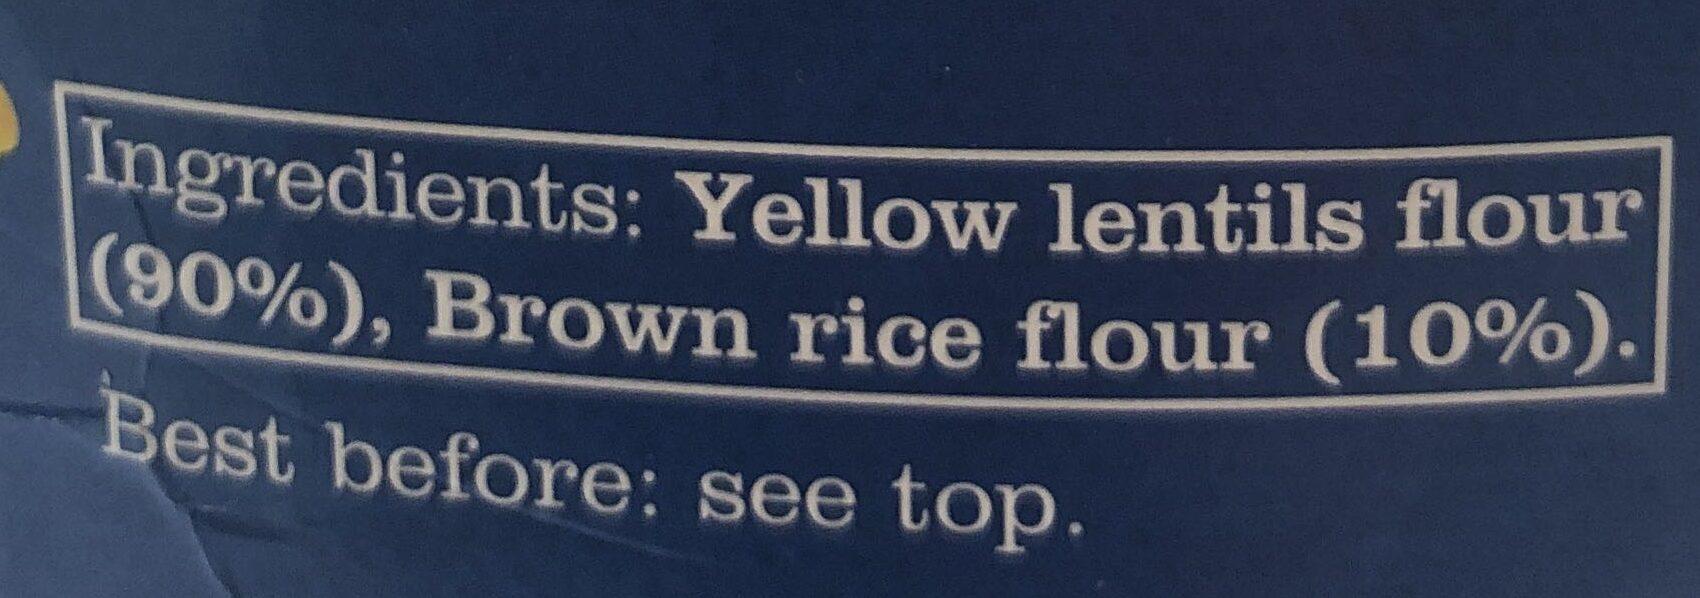 Yellow lentil pasta - Ingrédients